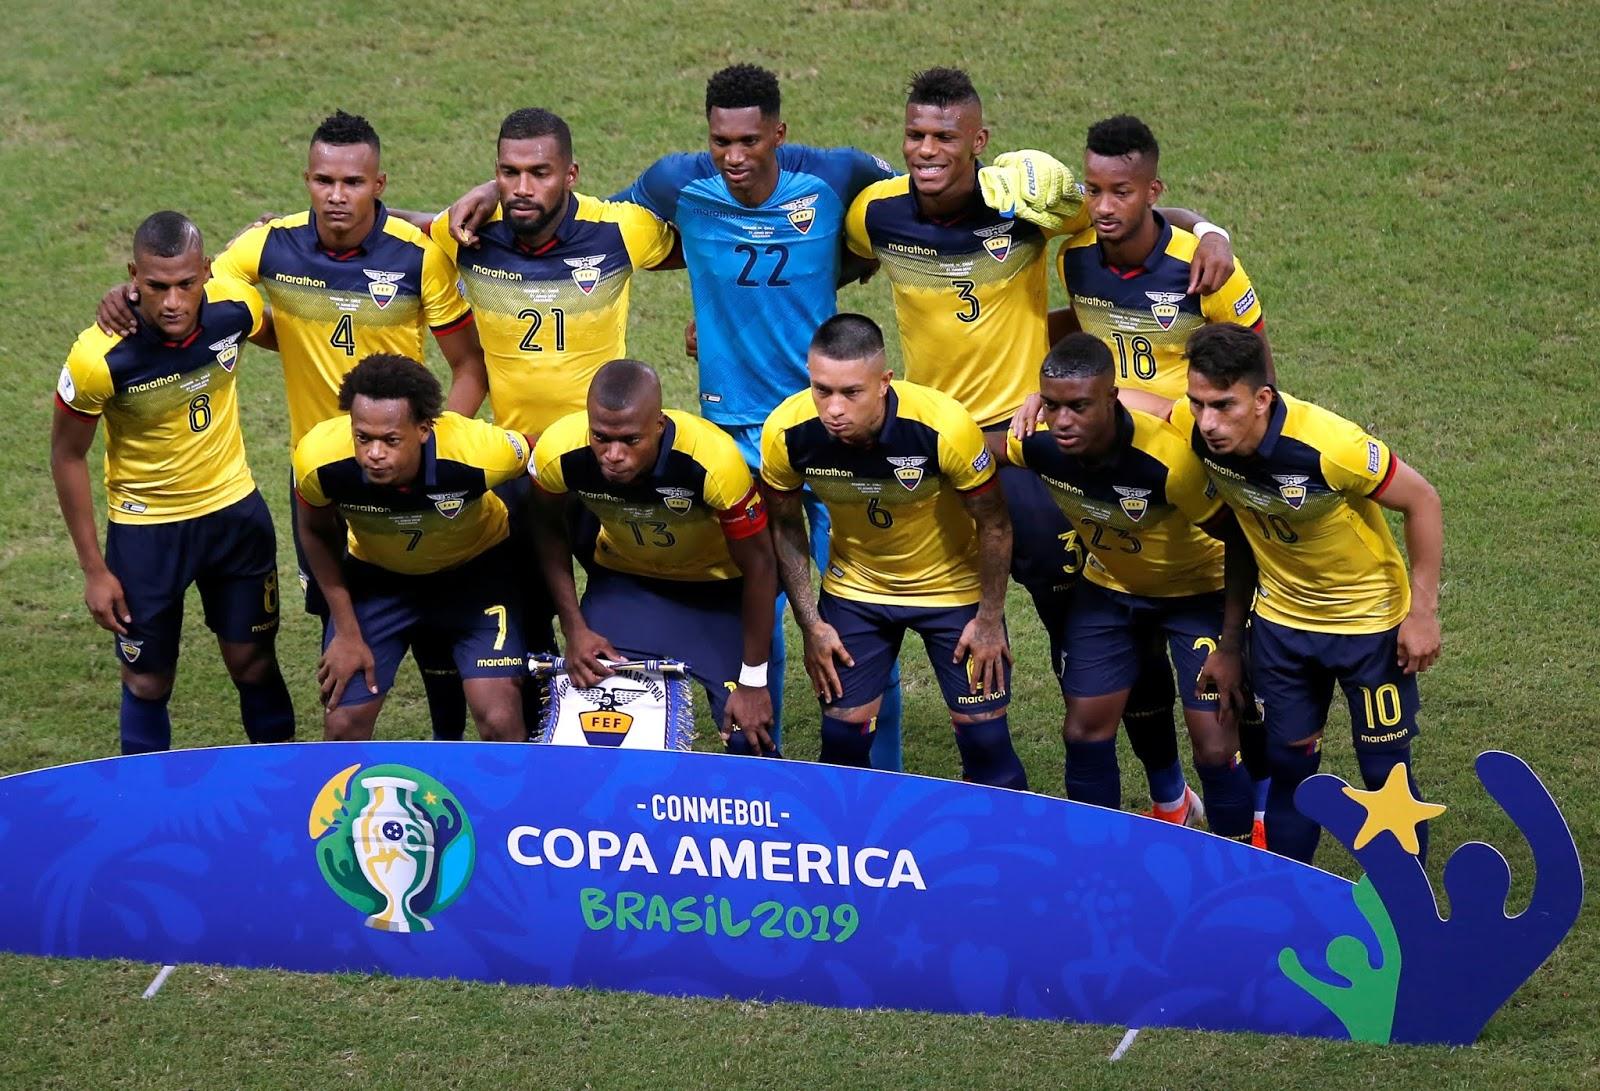 Formación de Ecuador ante Chile, Copa América 2019, 21 de junio